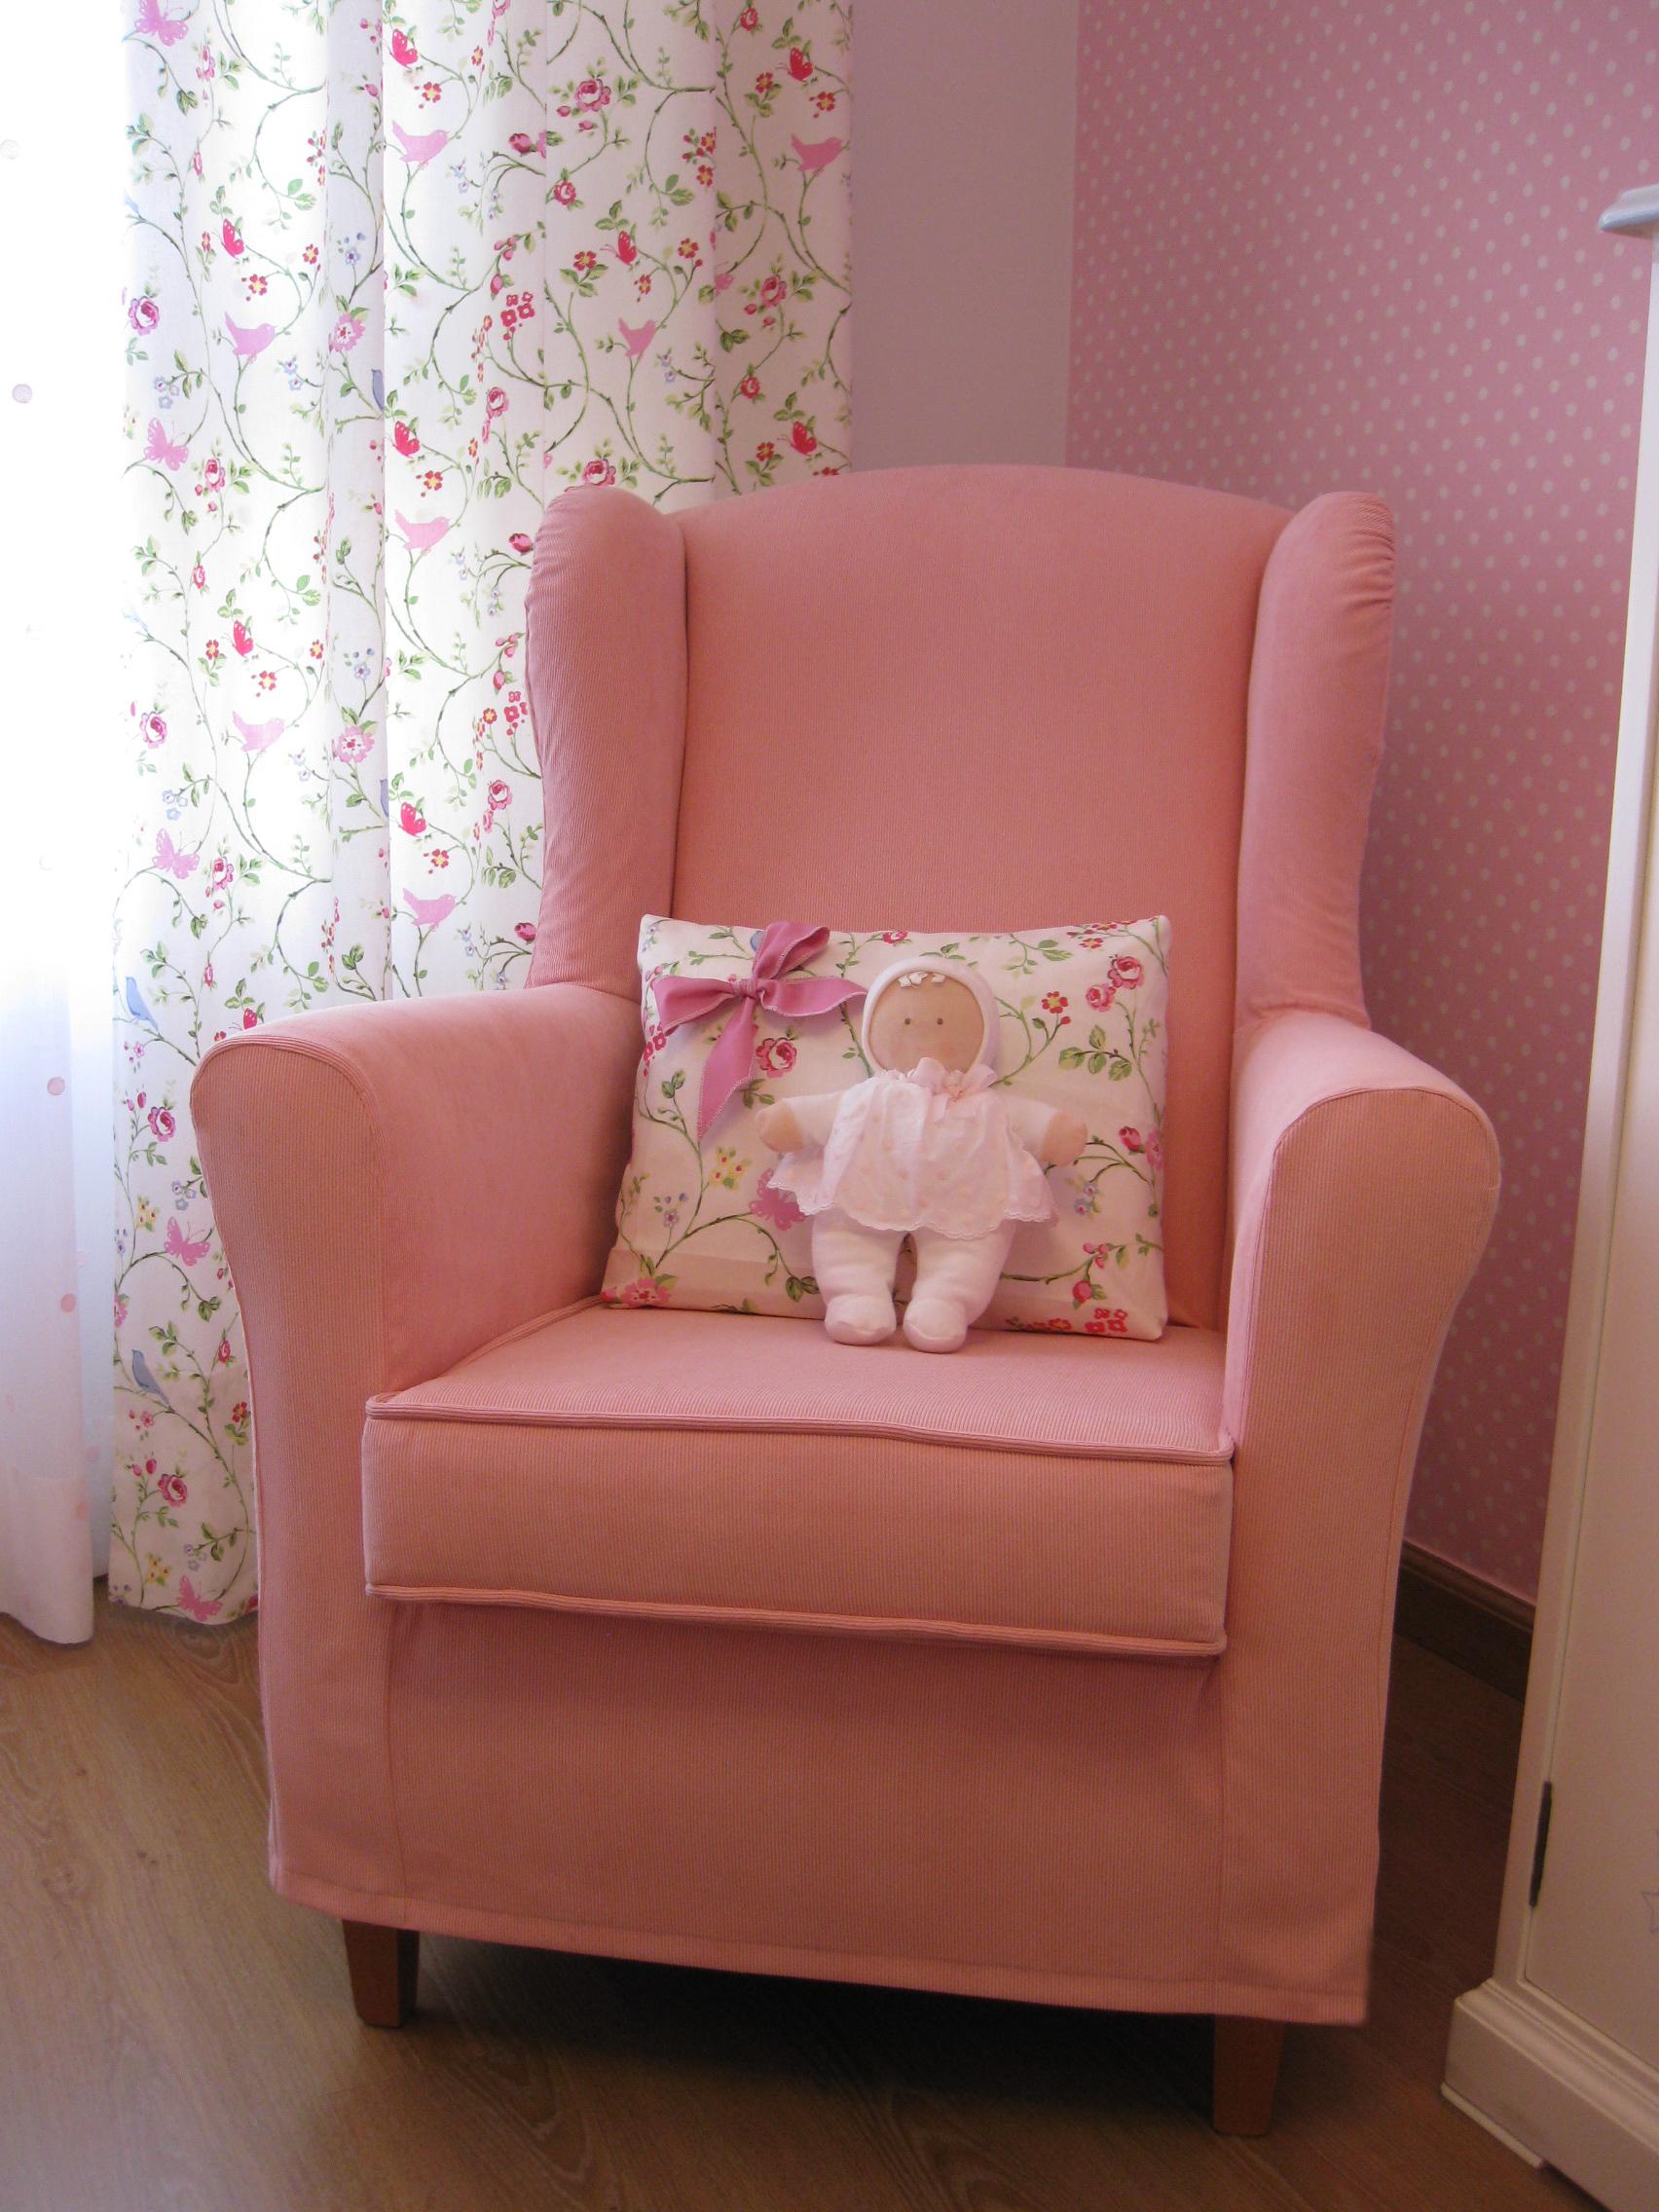 La preciosa habitaci n de claudia villalba interiorismo for Sillones para dormitorios baratos